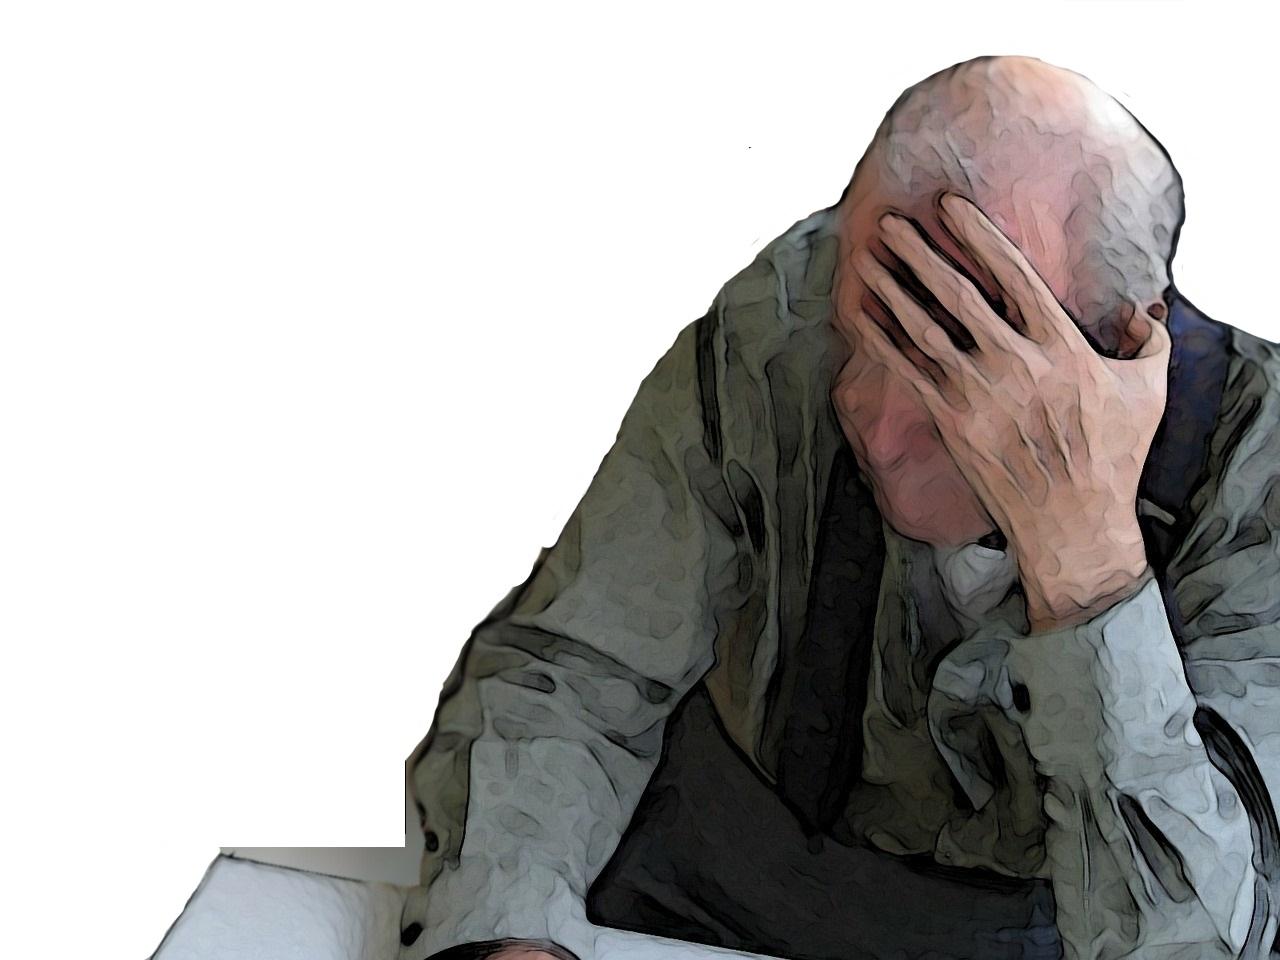 Overprikkeling in de ouderenzorg